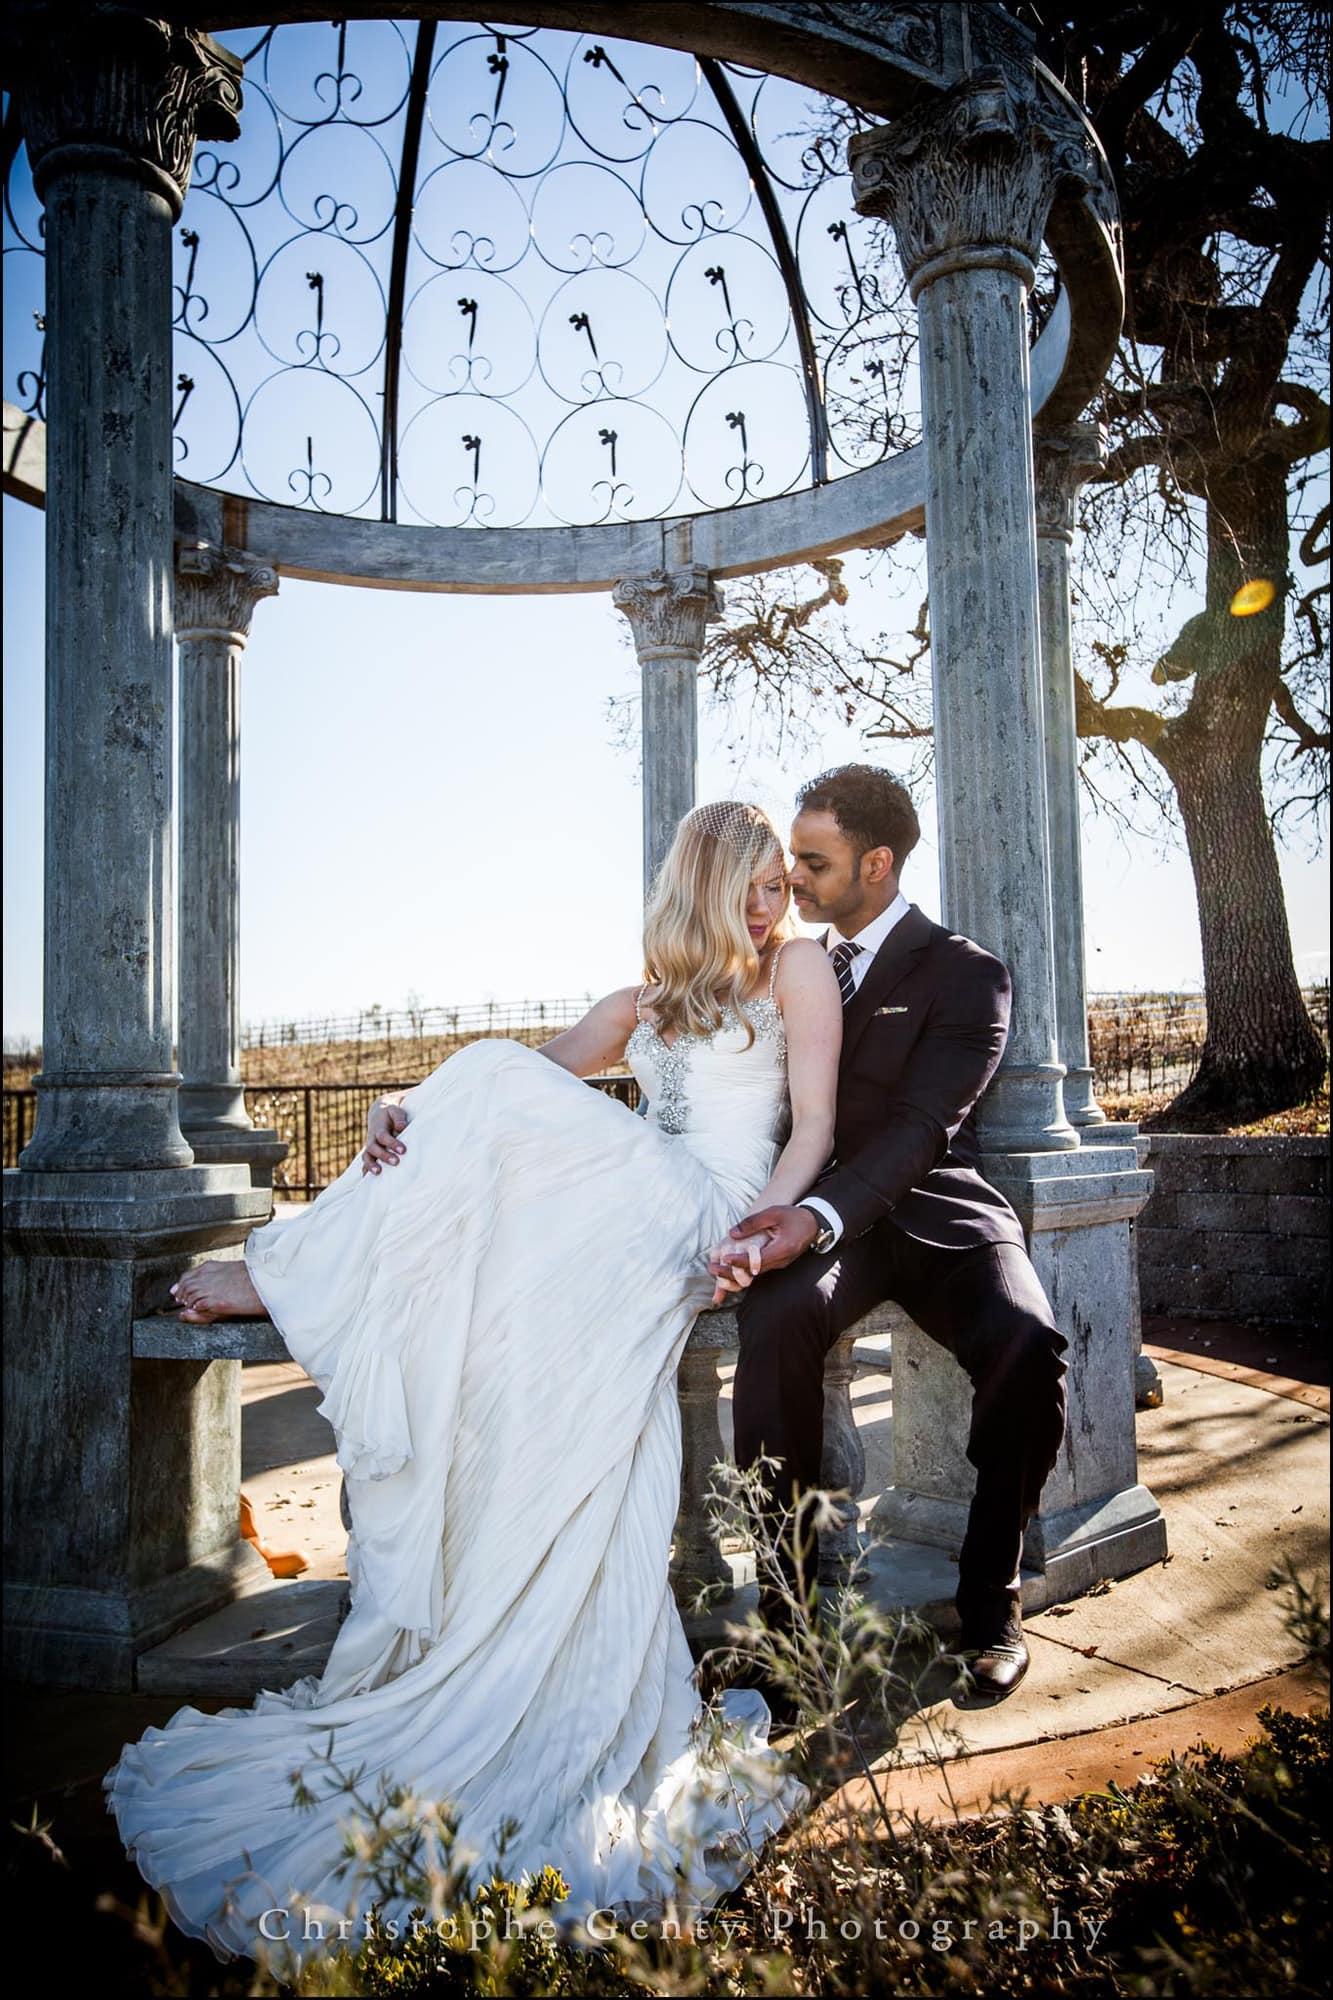 weddingphotography-meritage-resort-napa-0112